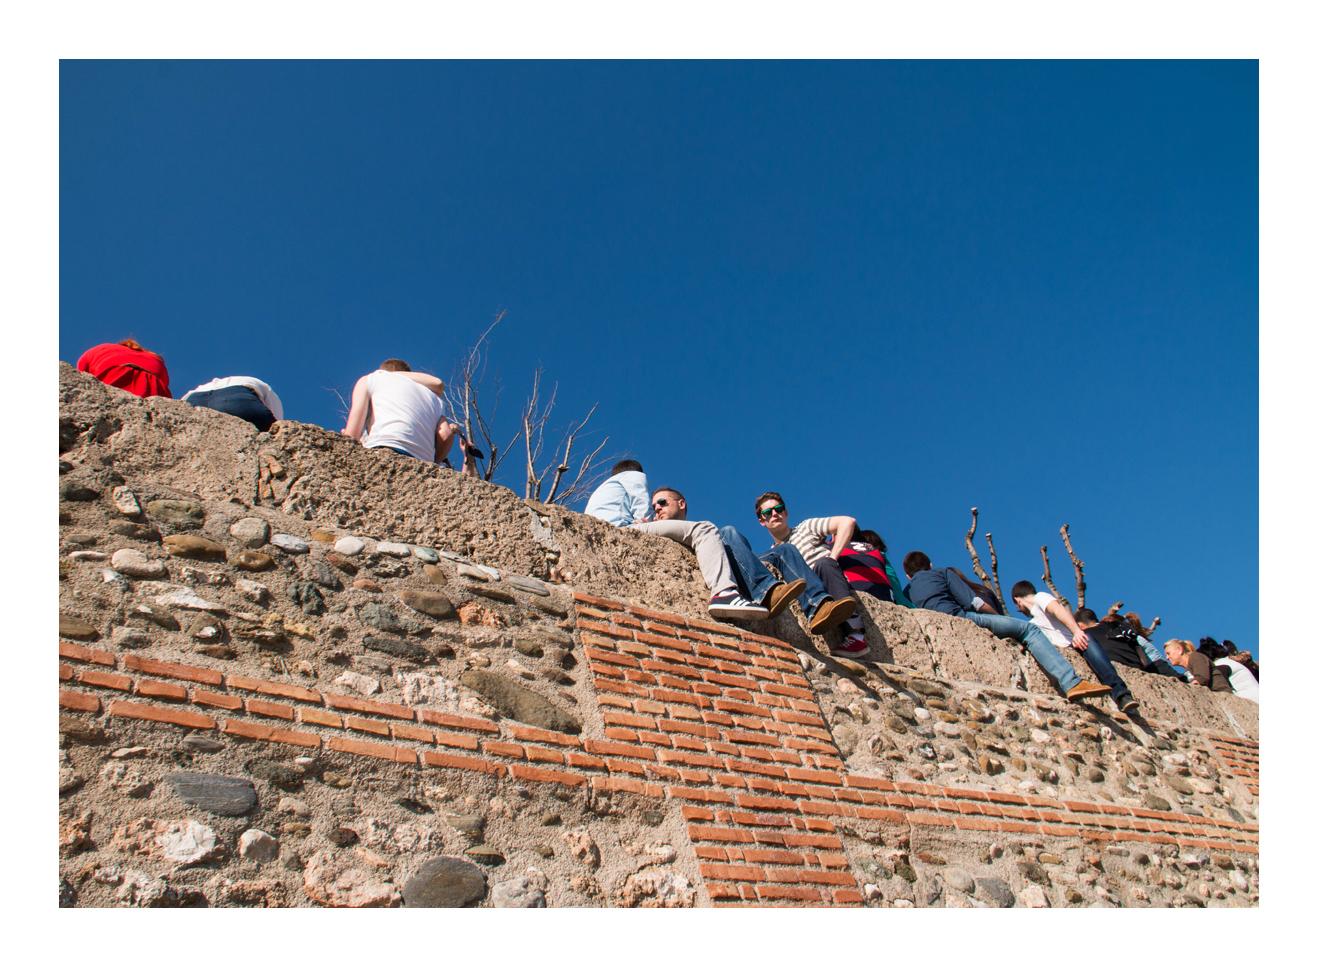 Mirador in Granada